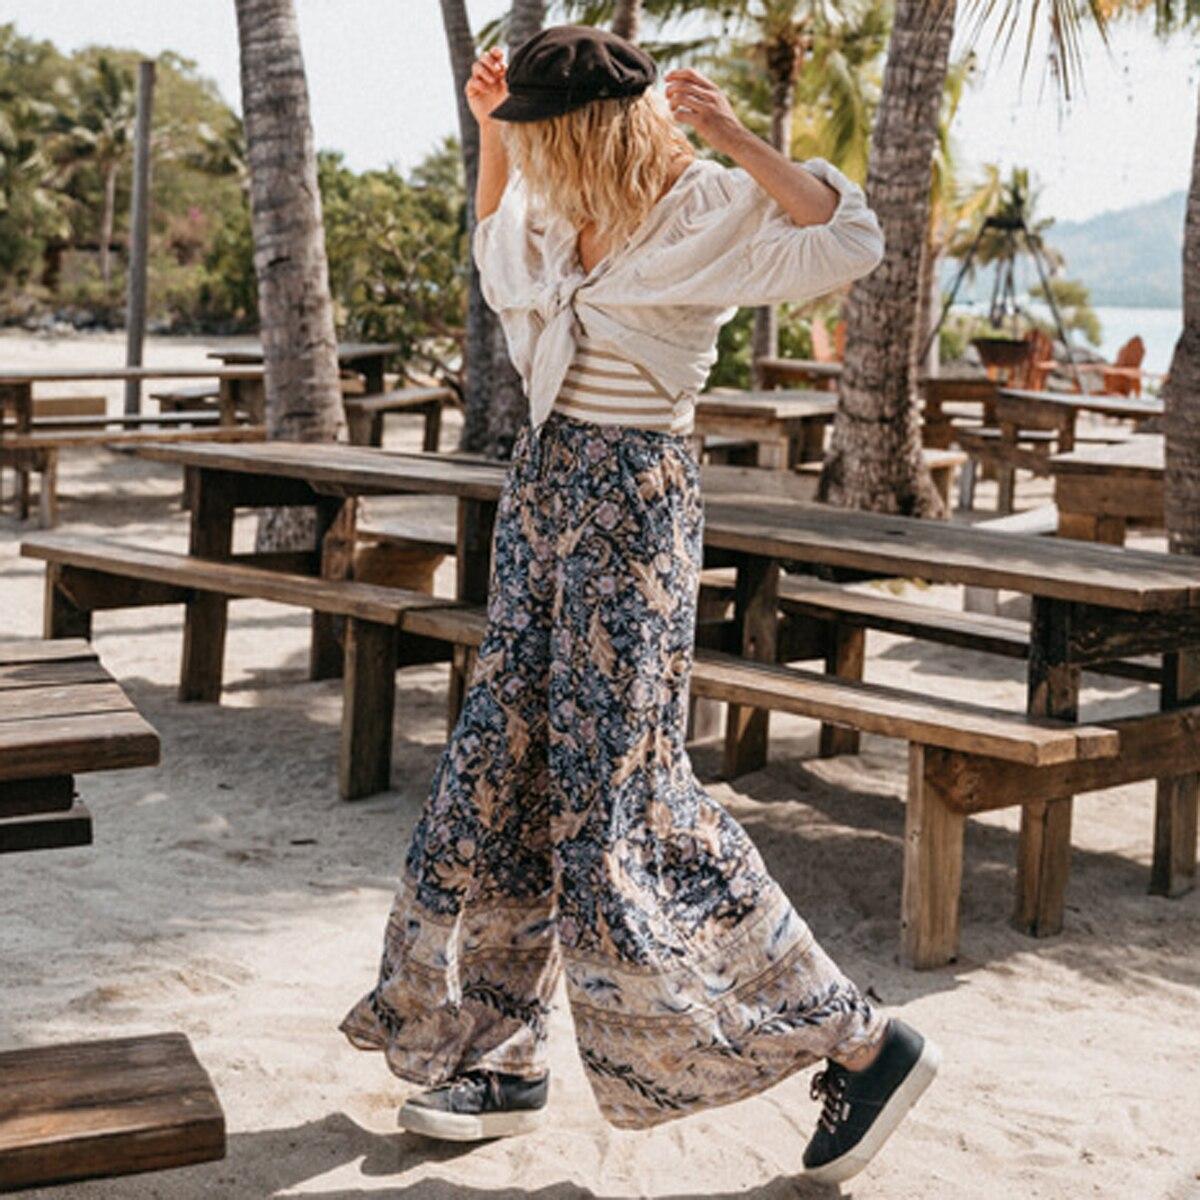 Jastie Boho Heavenly Oasis Palazzo Pants Elastic Waist Pants Summer 2019 Casual Wide Leg Pants Beach Women Pants Long Trousers